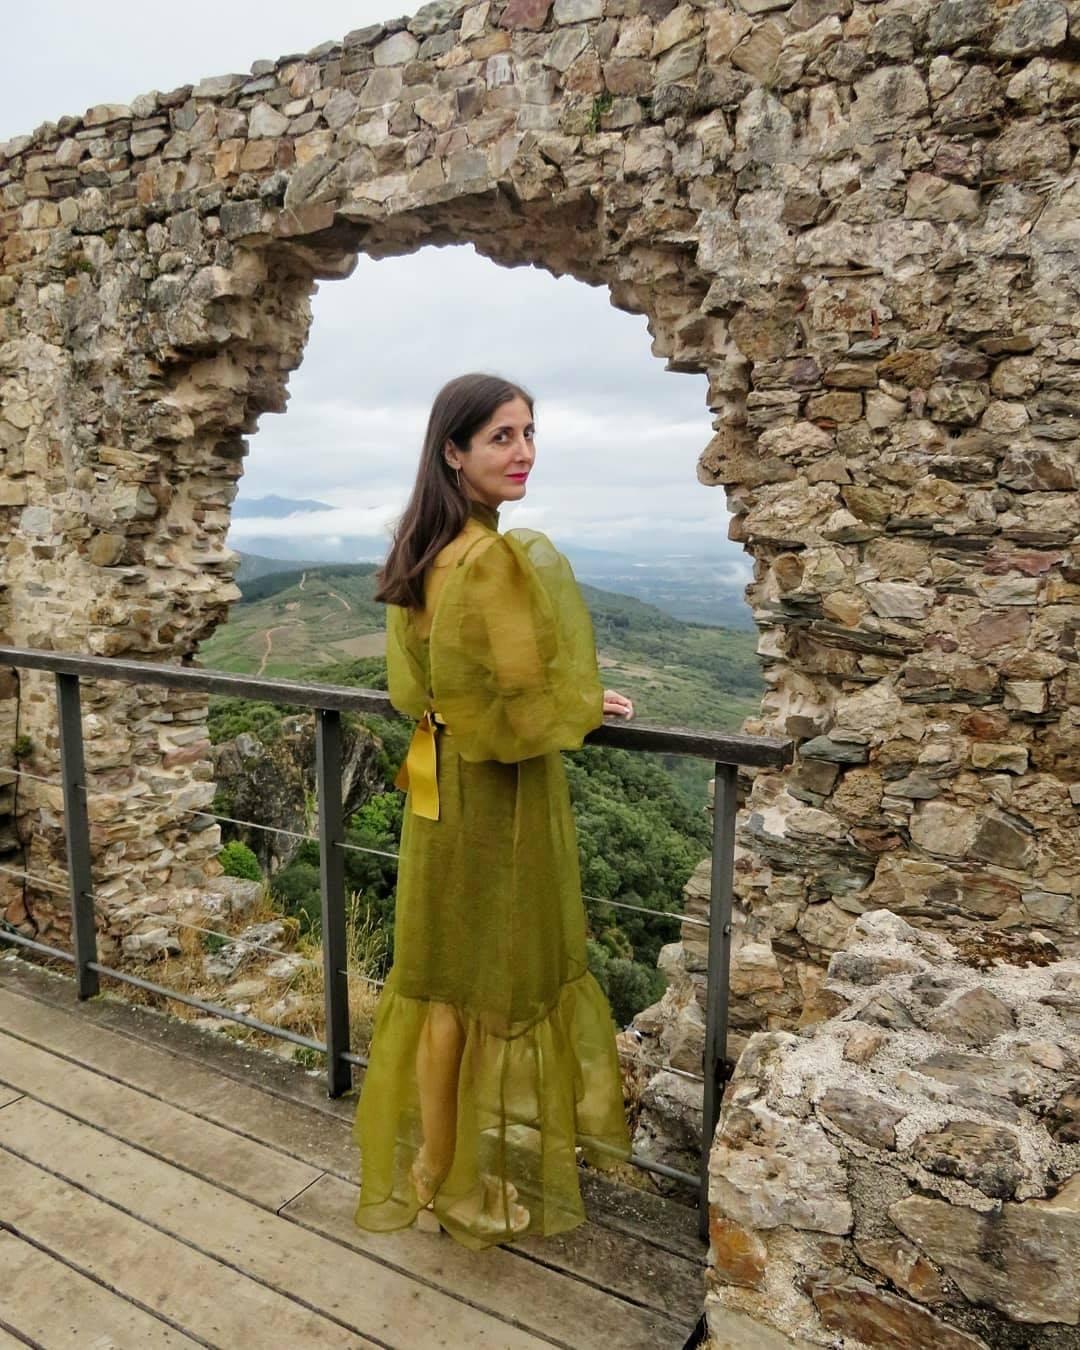 La escritora Espido Freire se fotografía en el Castillo de Cornatel en una visita por tierras bercianas 3